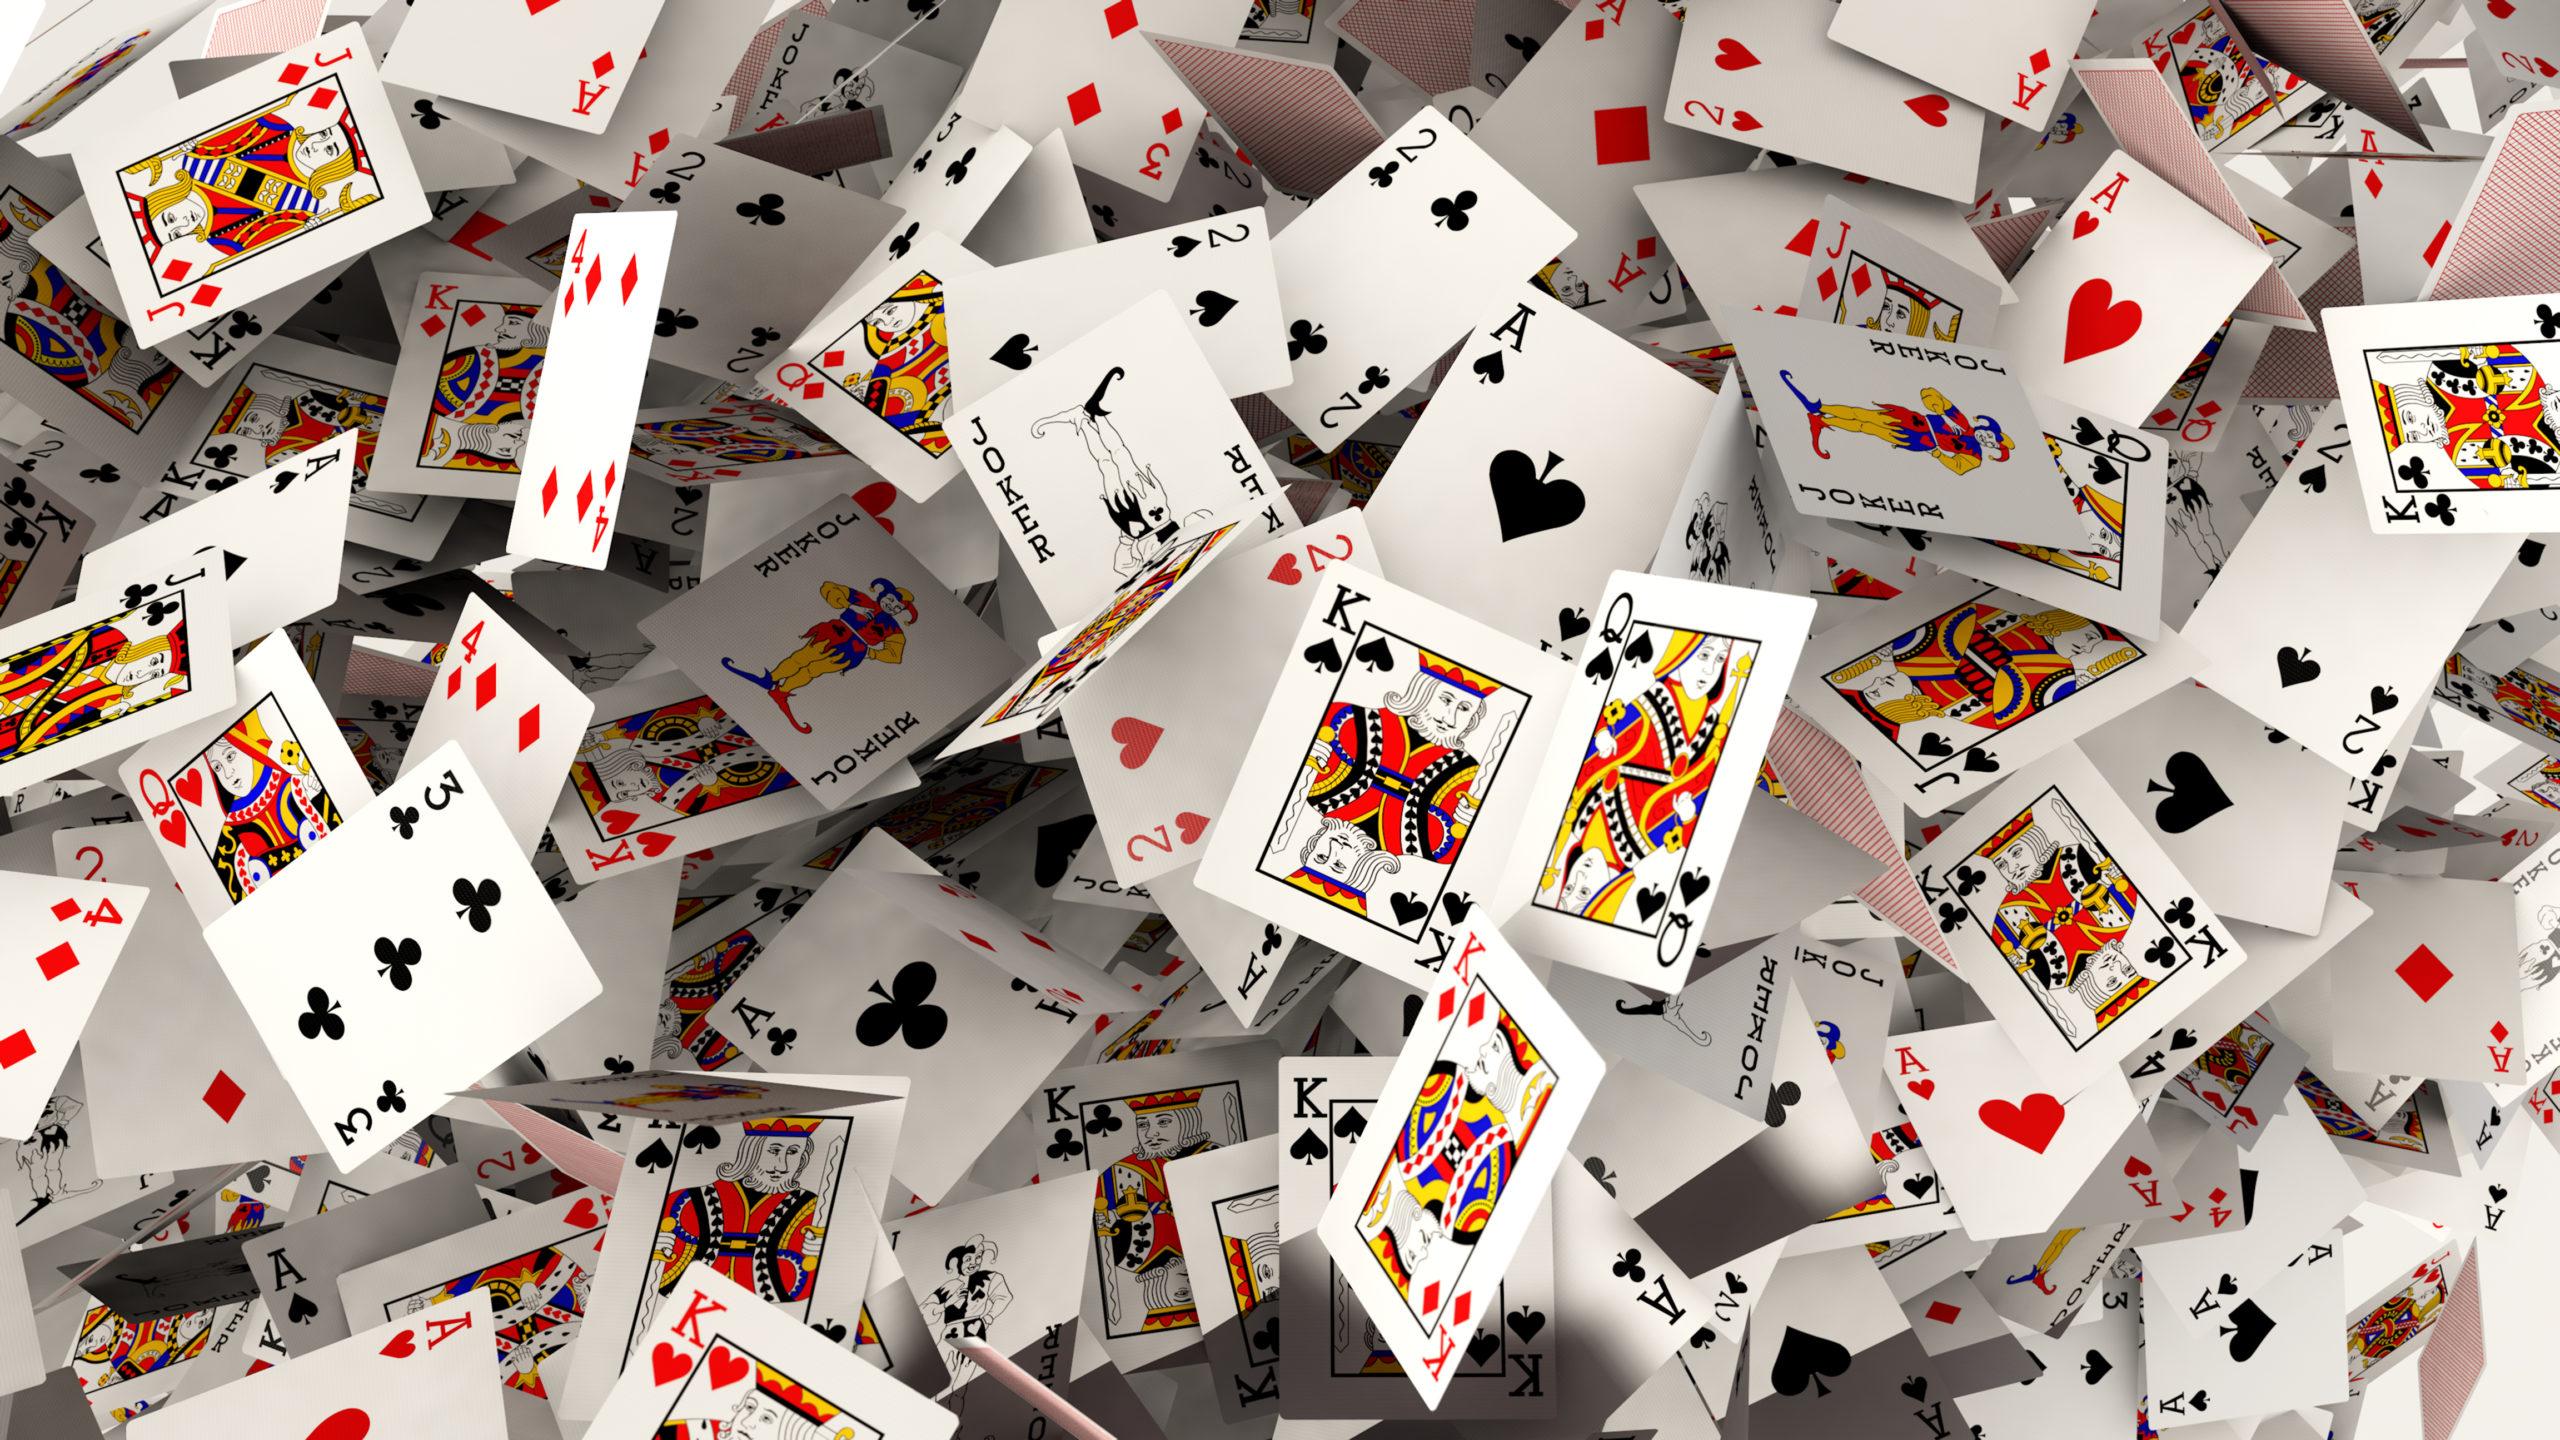 舞い散るポーカーのトランプ